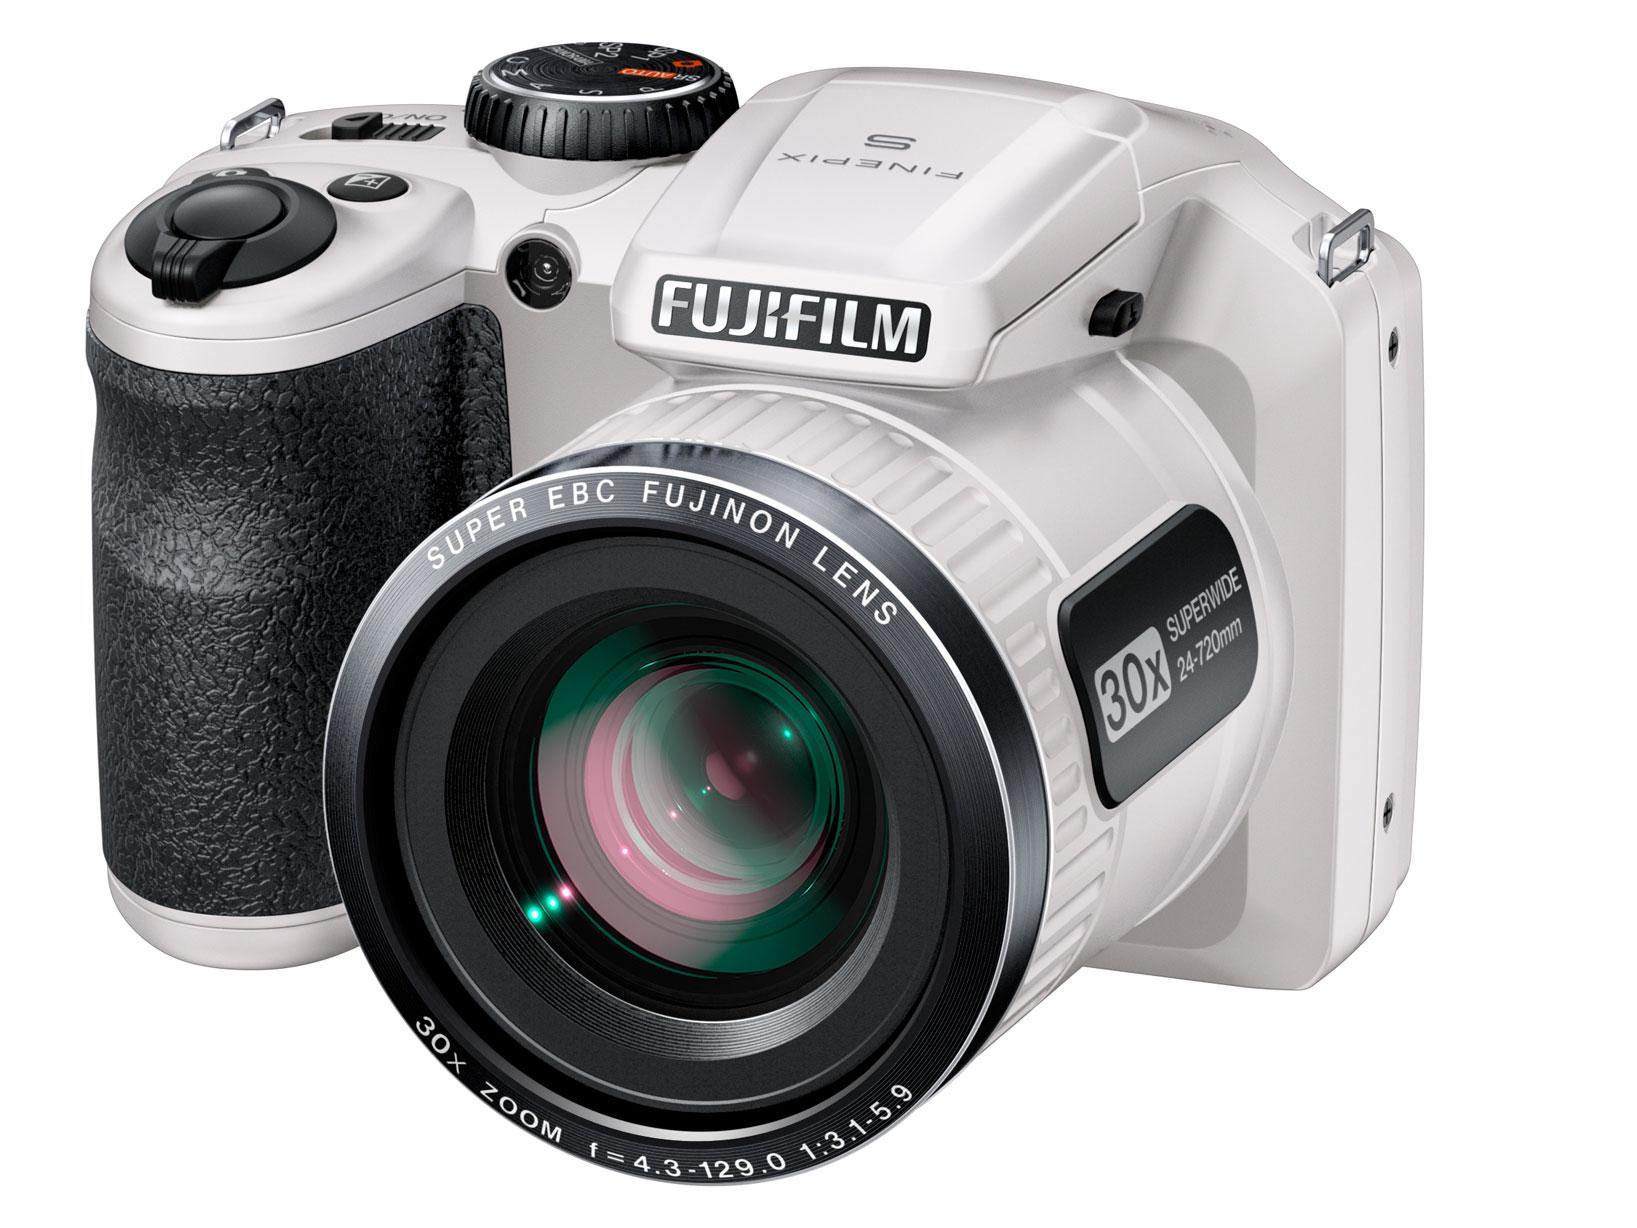 fujifilm announces finepix s6800 and s4800 superzoom cameras rh dpreview com Fujifilm S4500 Compact Digital Camera FinePix S4500 Lens